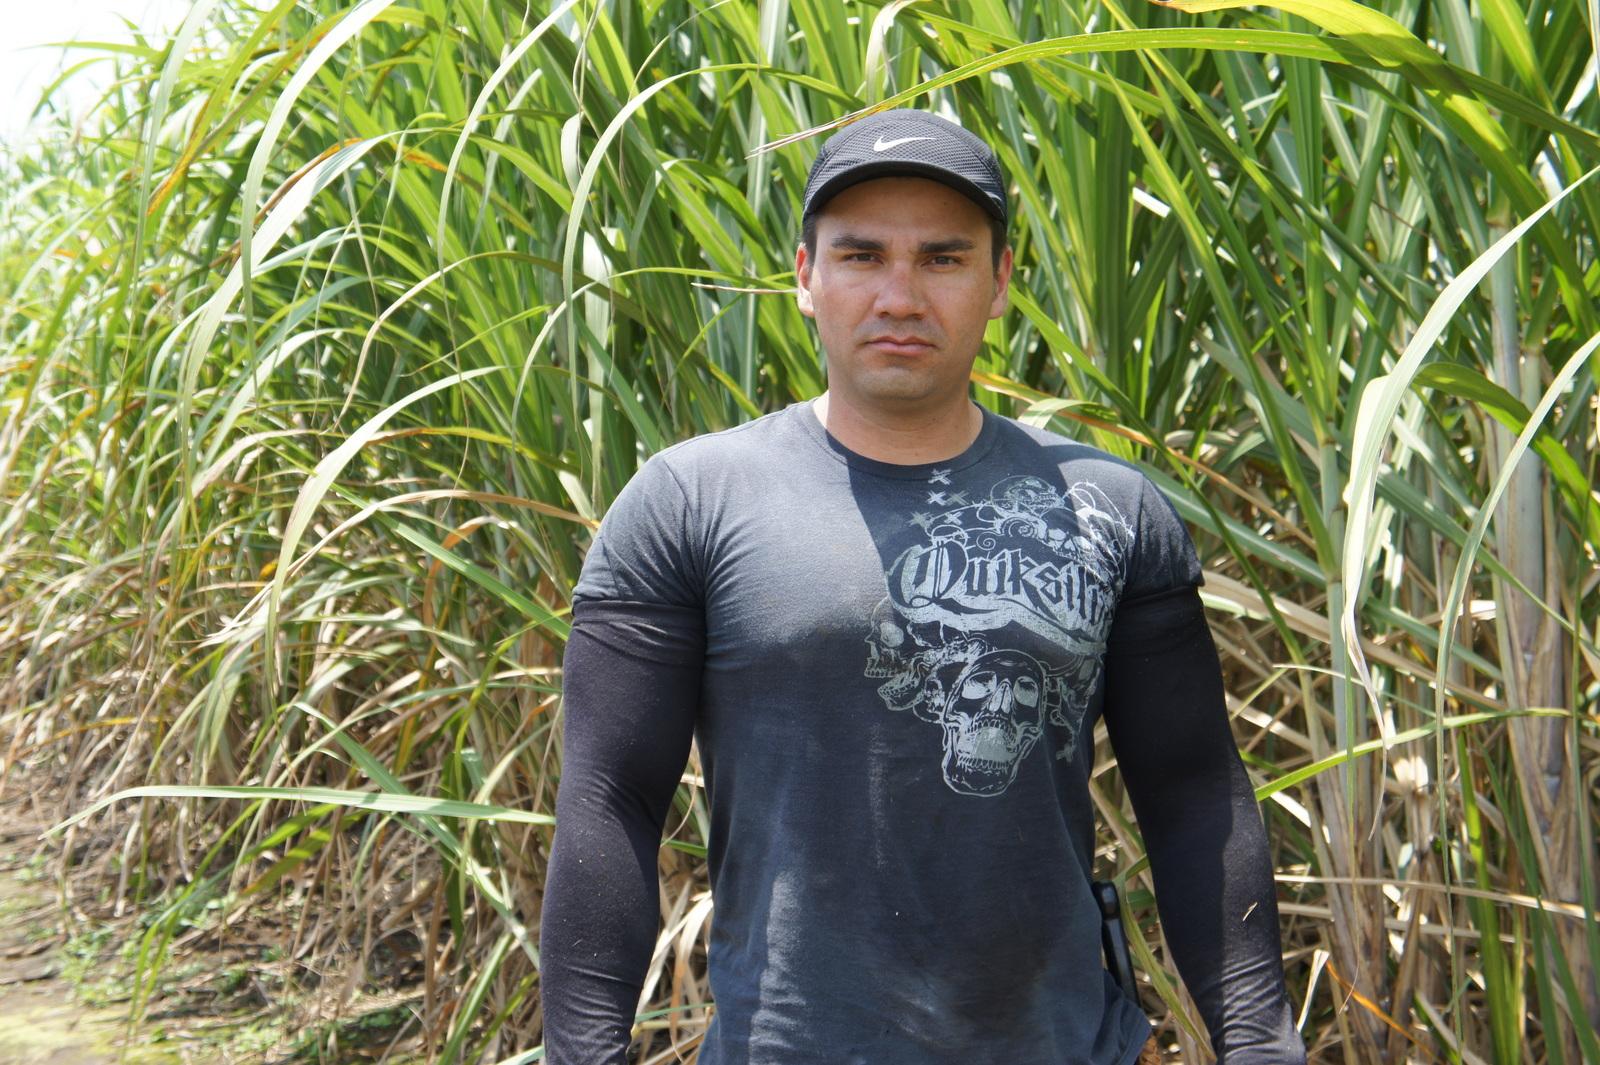 Juan Carlos Zumbado Arroyo